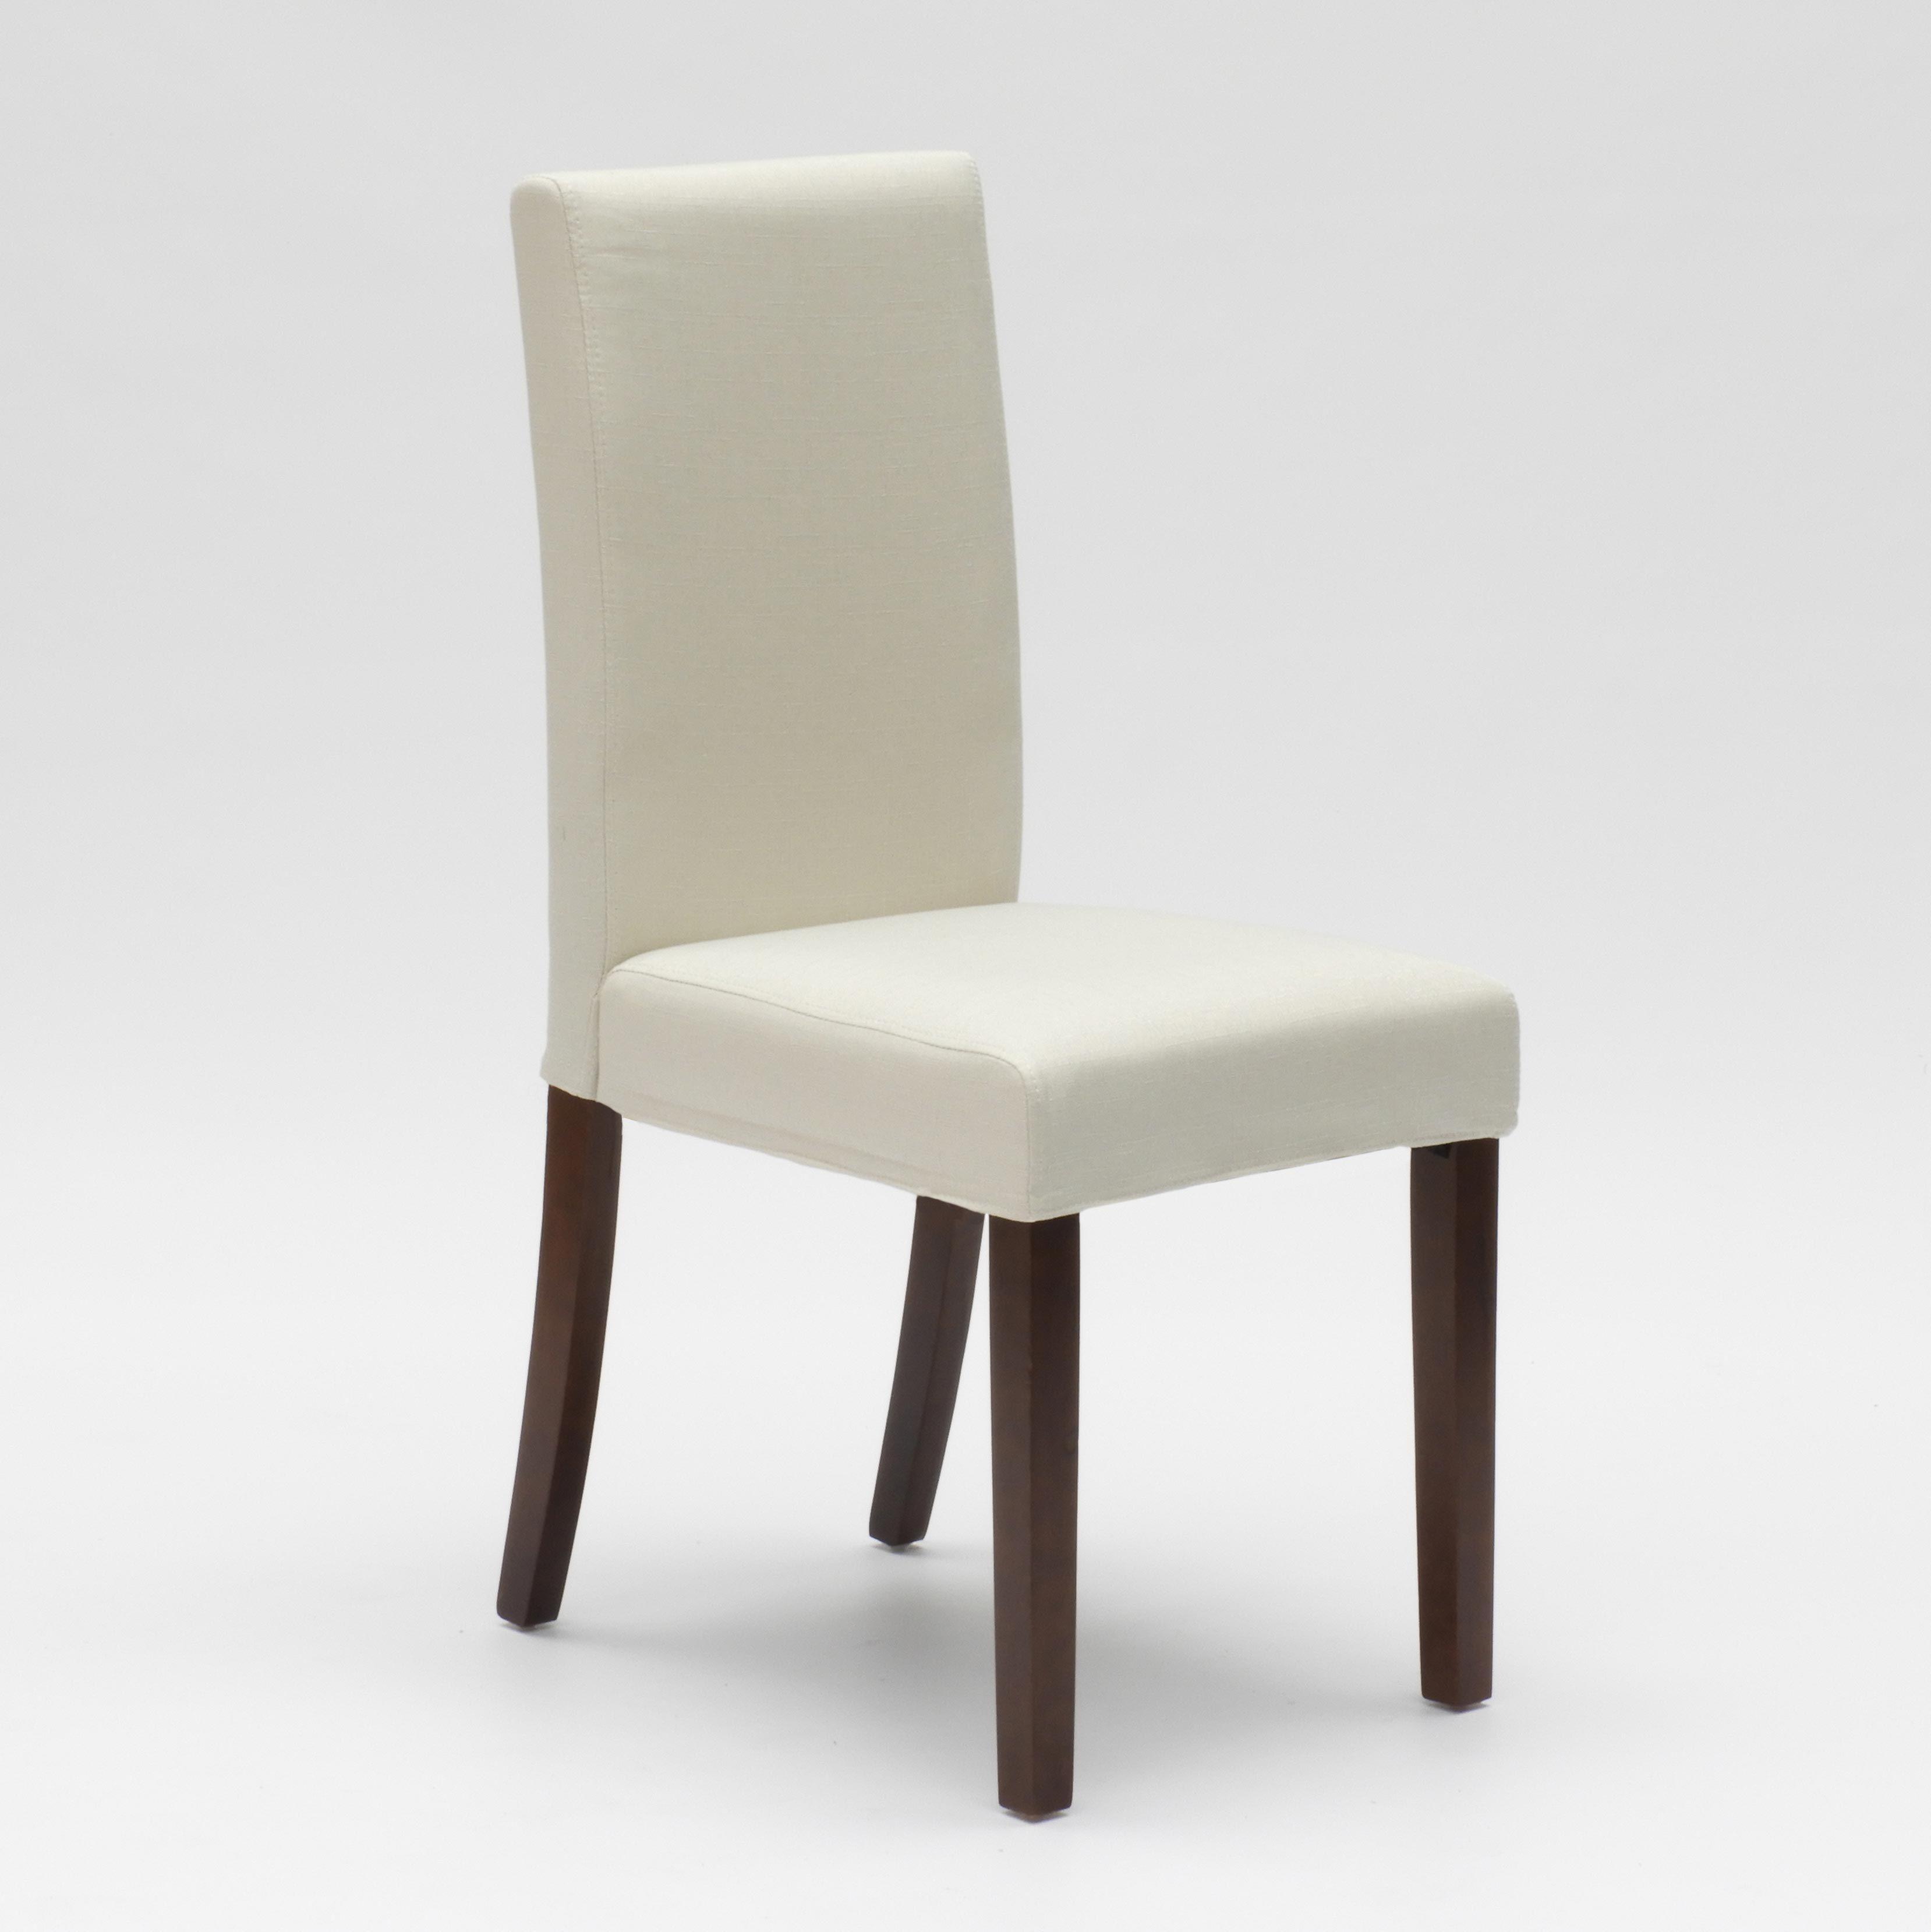 Sedia in legno imbottita stile henriksdal per cucina sala da